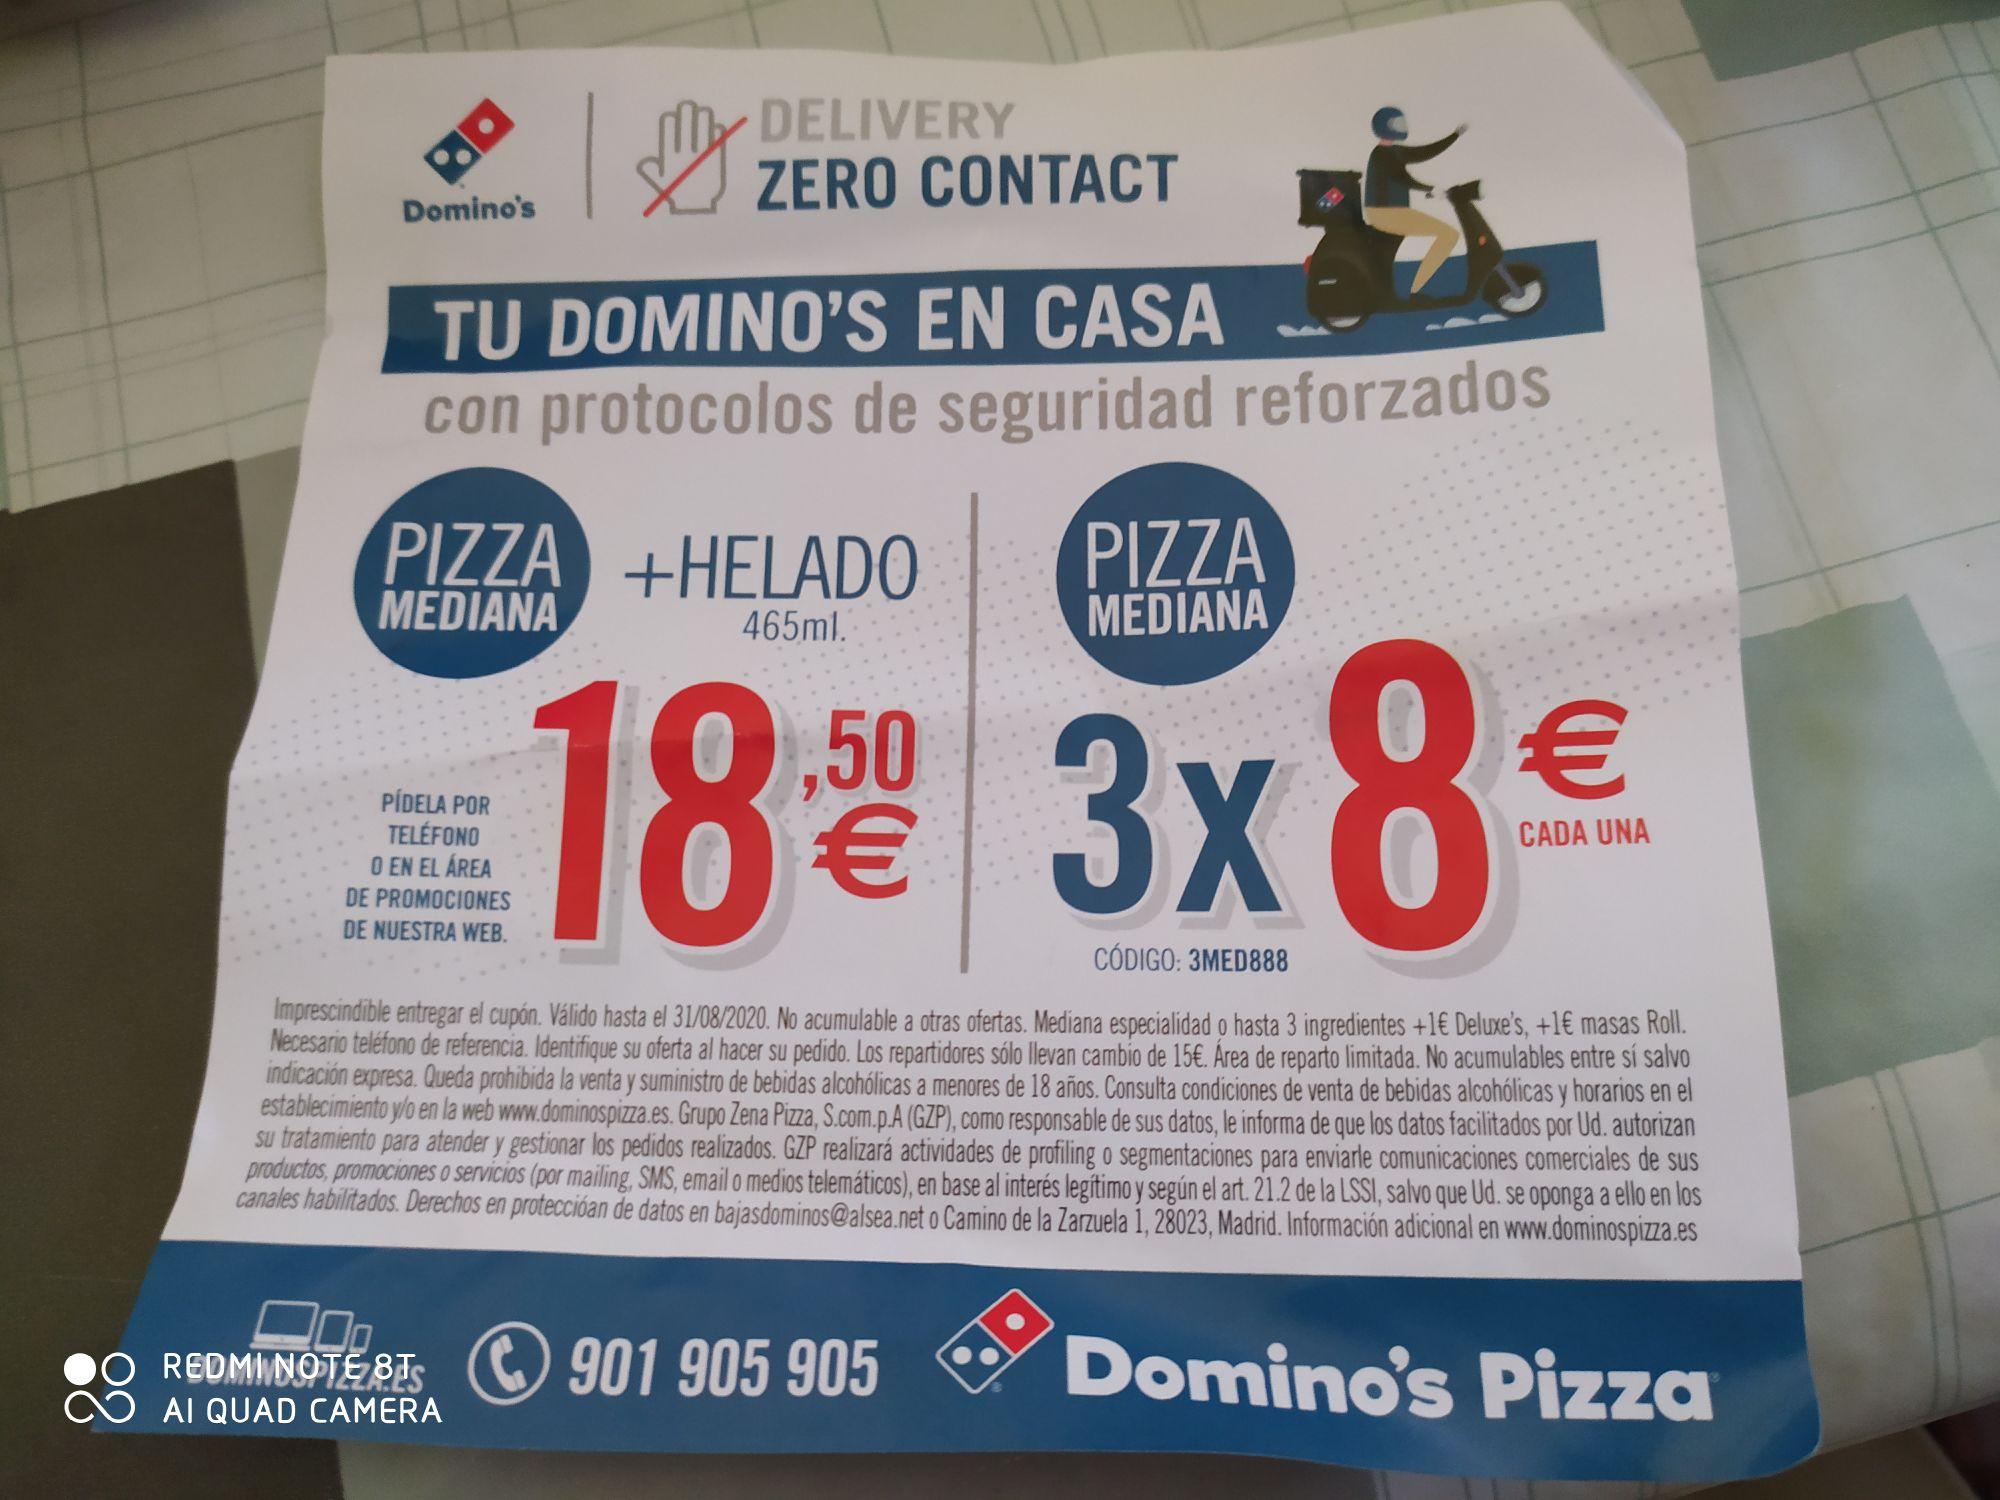 Domino's pizza 3x24€ y más